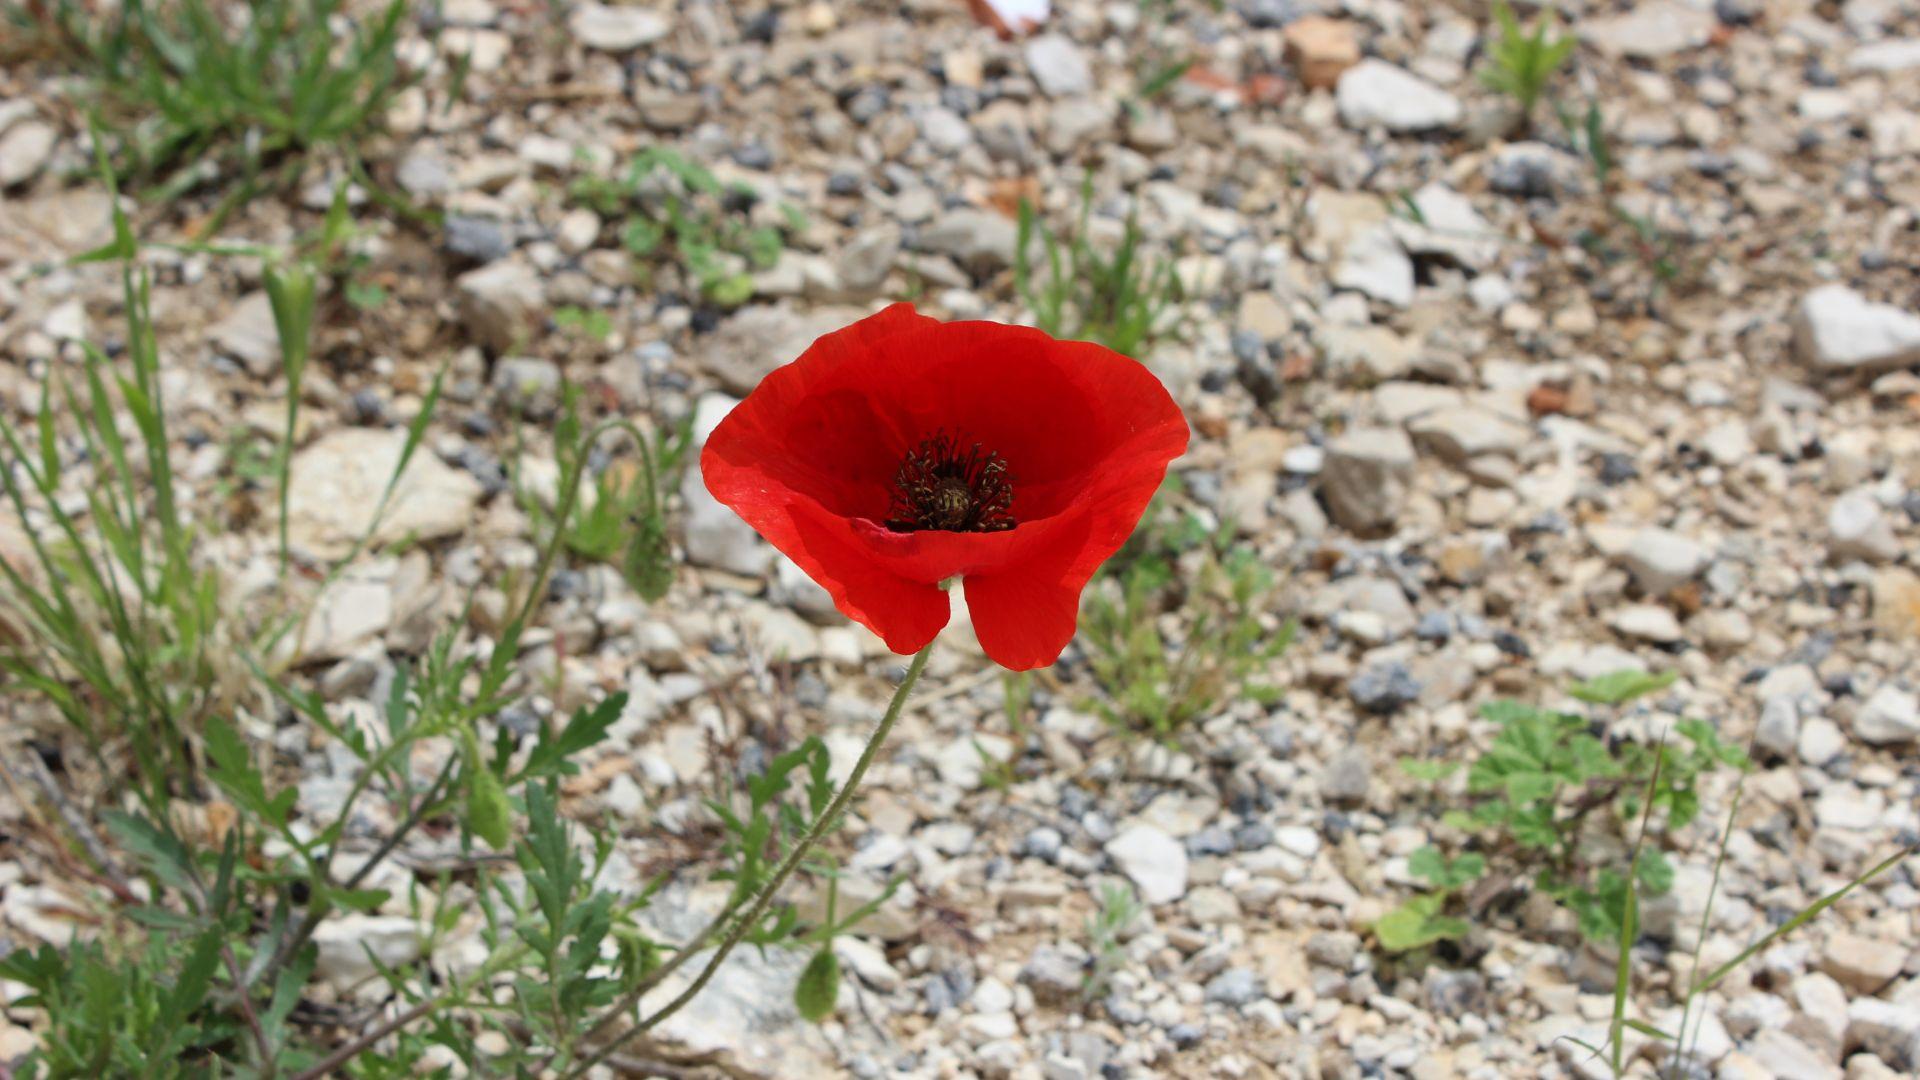 Red poppy flower, nature